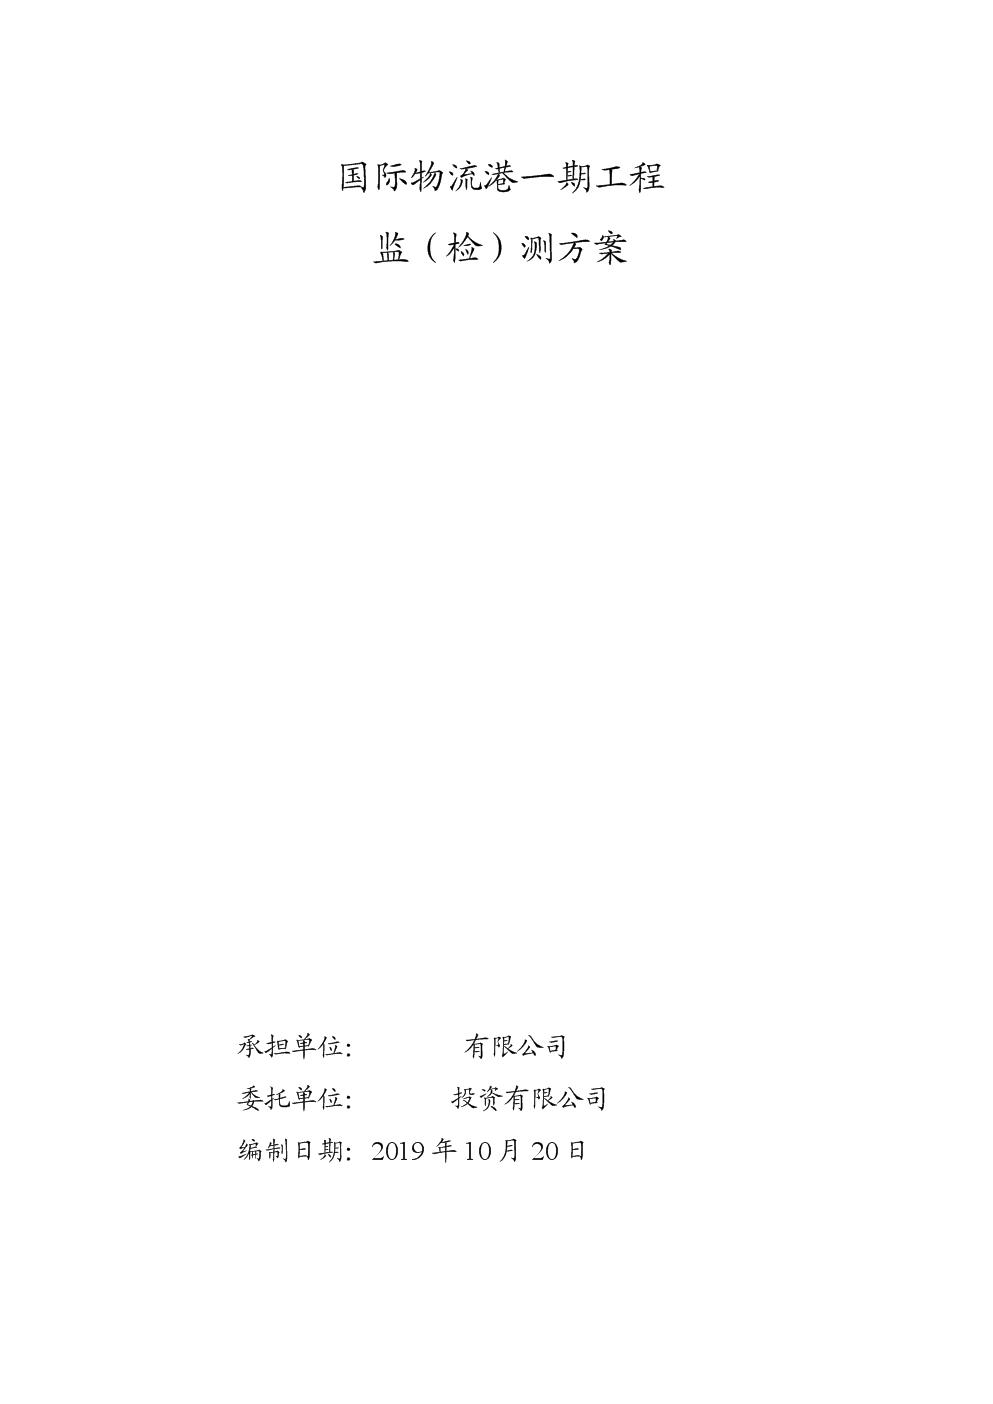 国际物流港一期工程施工监(检)测方案.doc